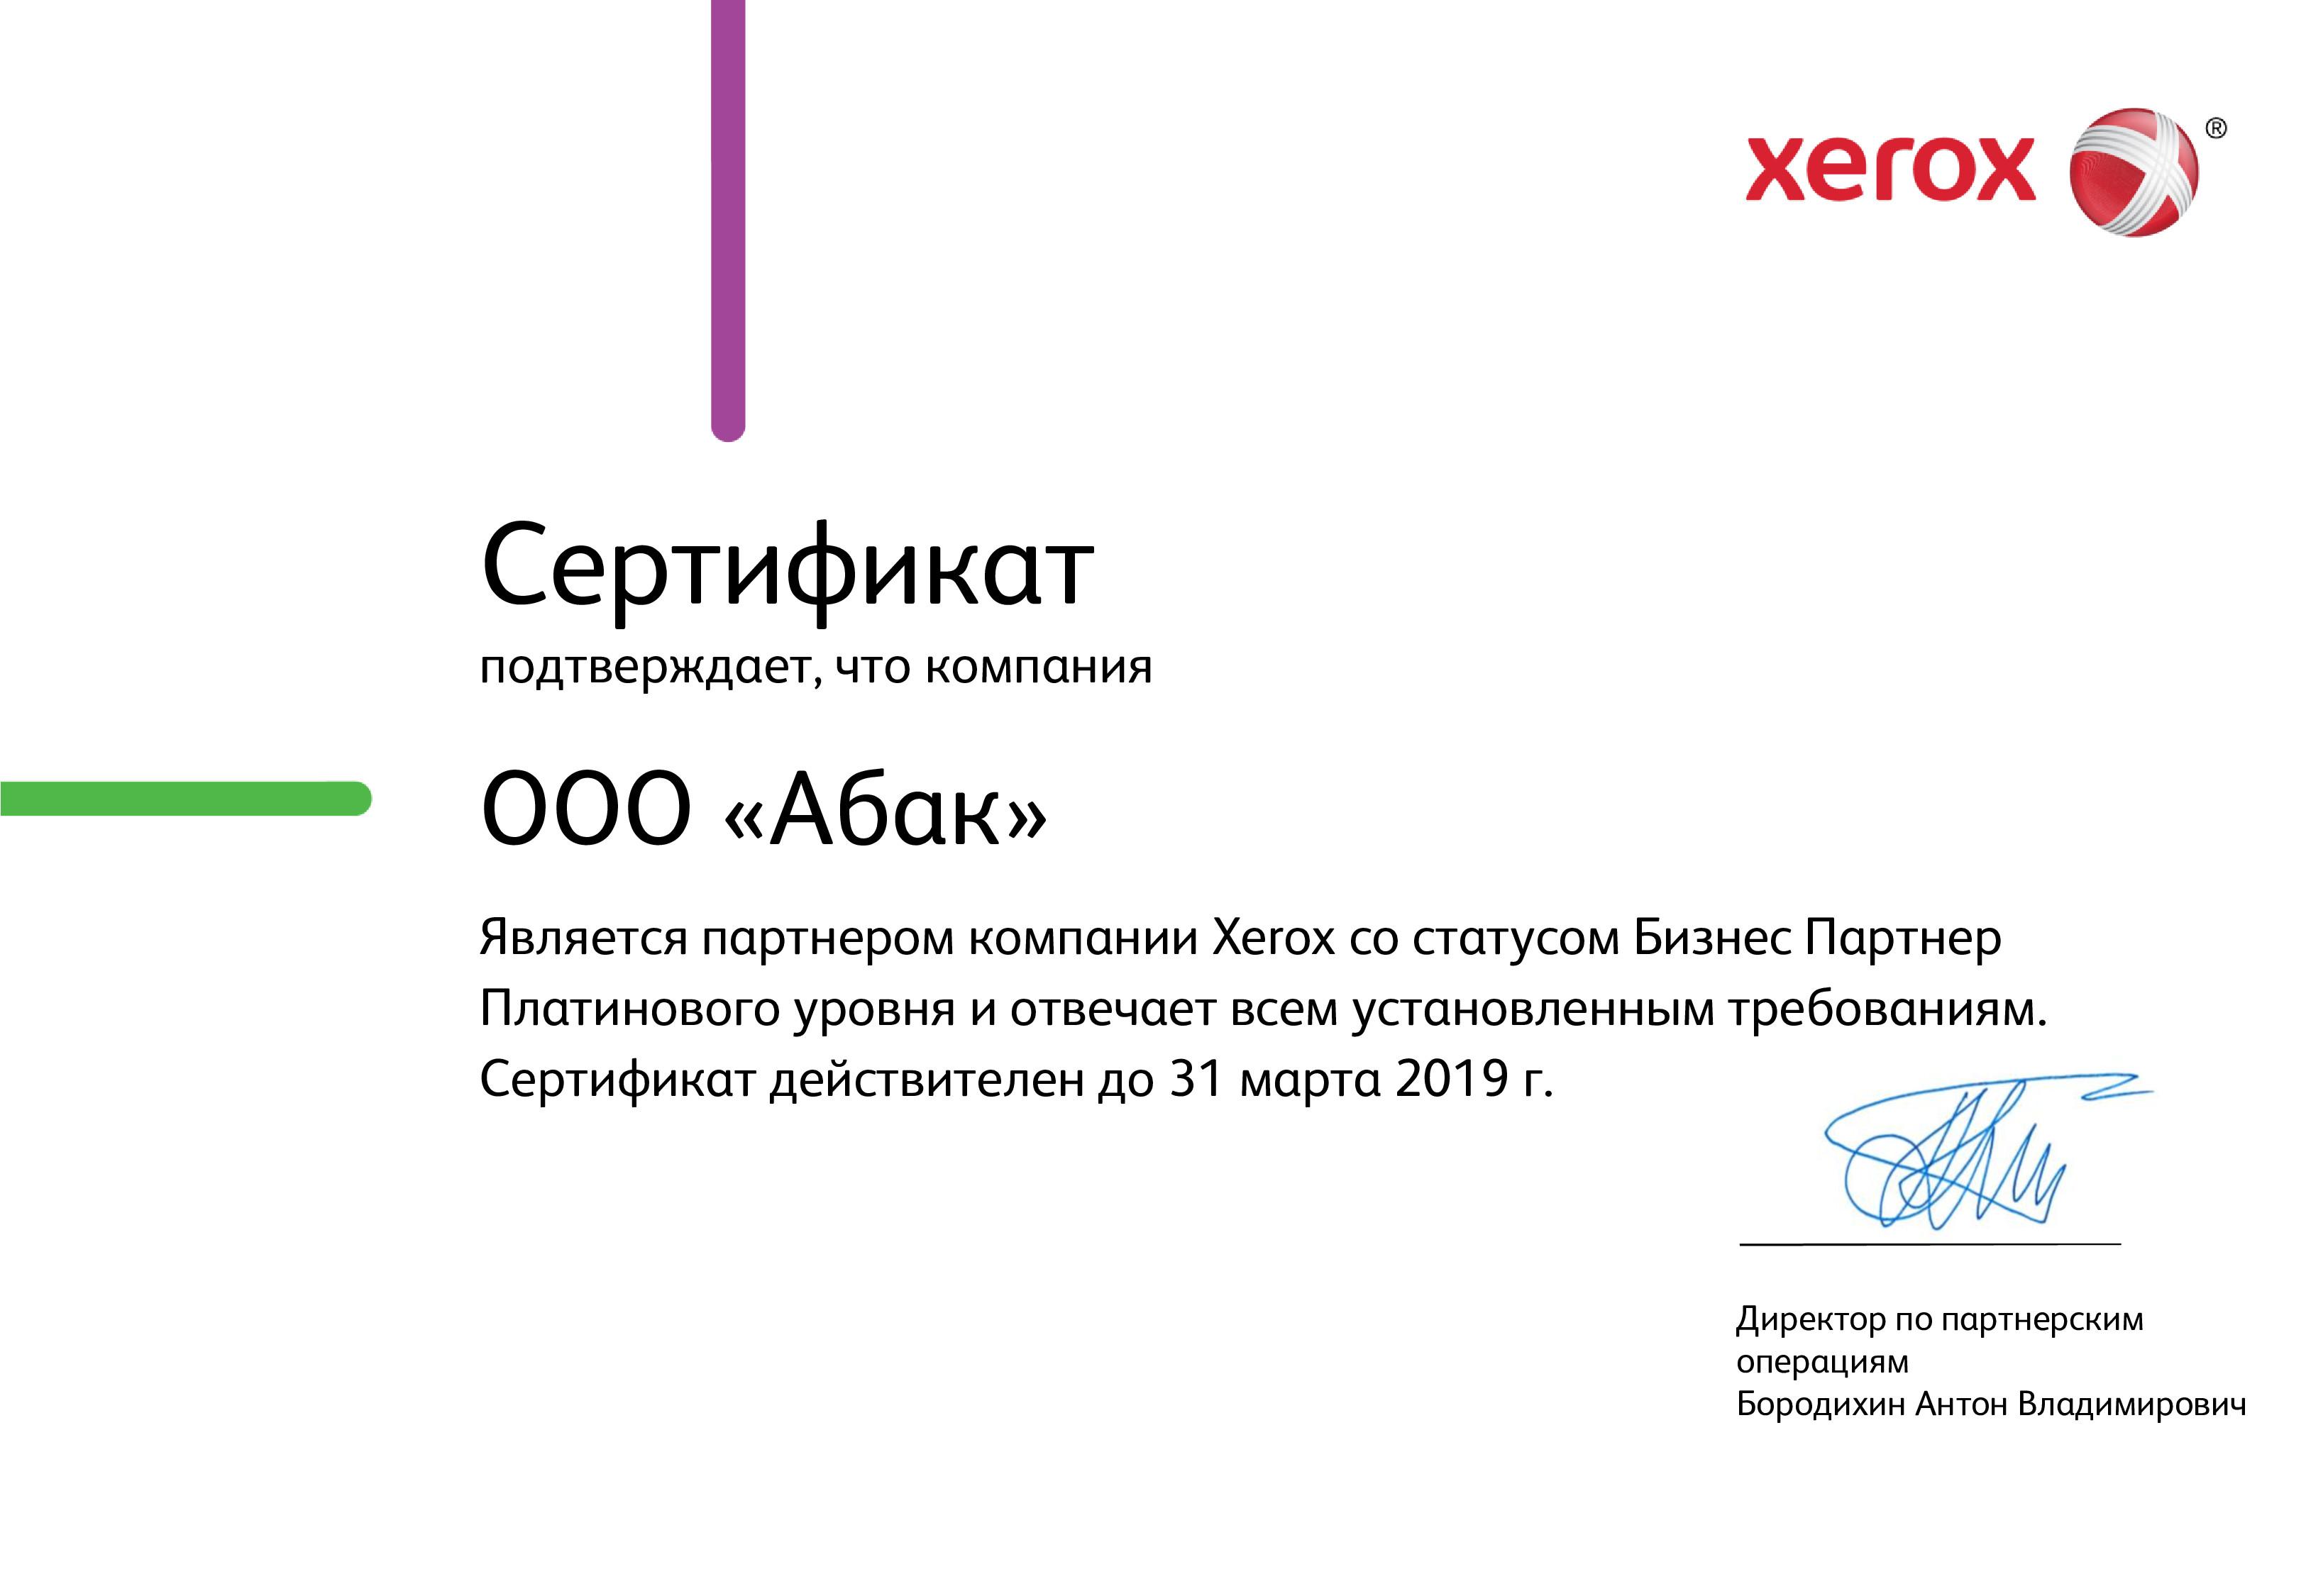 Абак BP Xerox Platinum_2018